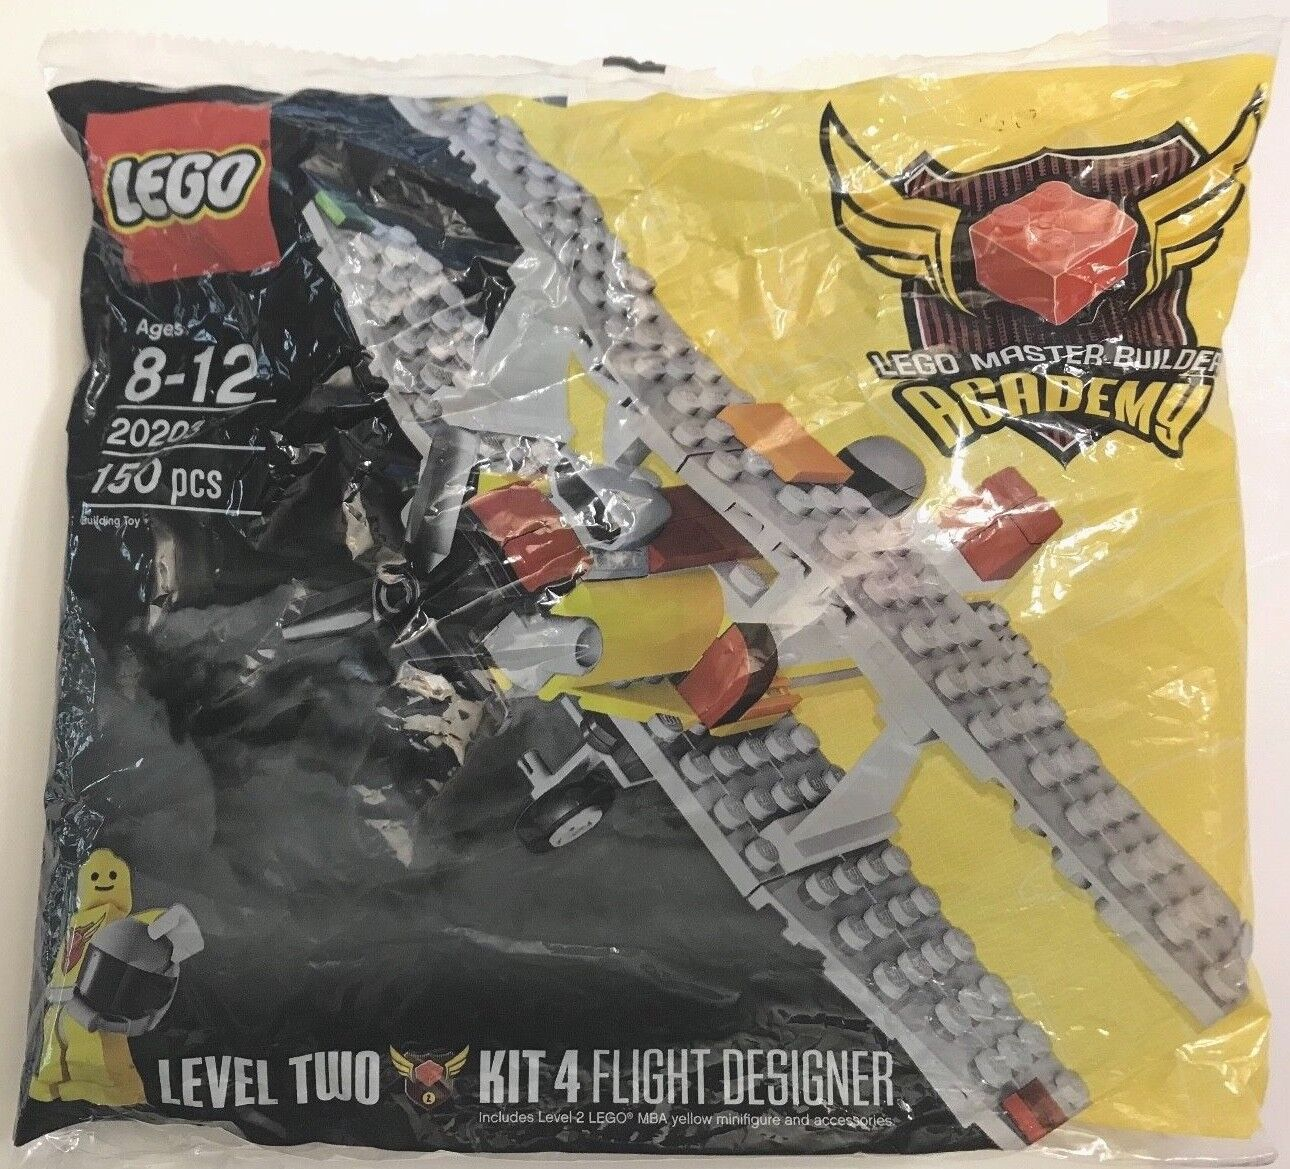 NEW Lego 20203 MBA Level Level Level 2 KIT 4 FLIGHT DESIGNER POLYBAG No instruction 4dbb96